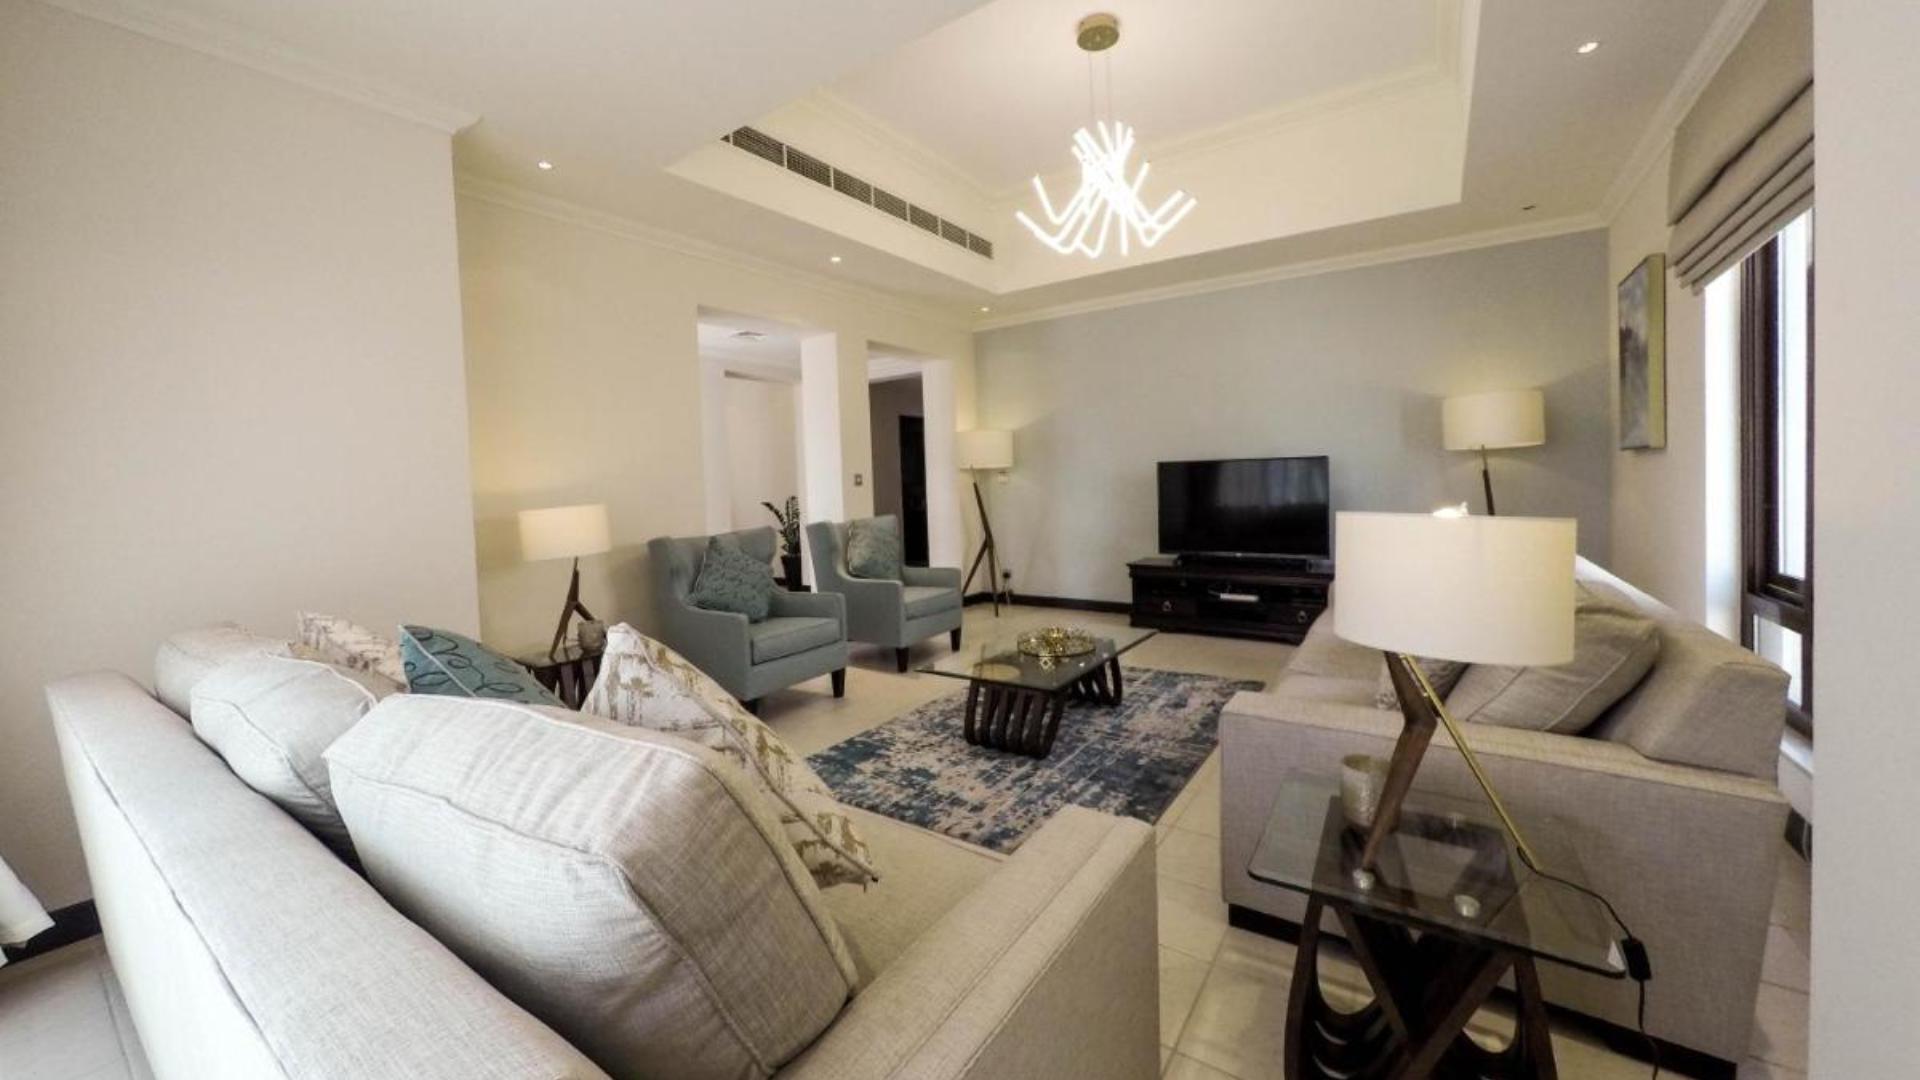 Villa en venta en Dubai, EAU, 3 dormitorios, 272 m2, № 24143 – foto 1